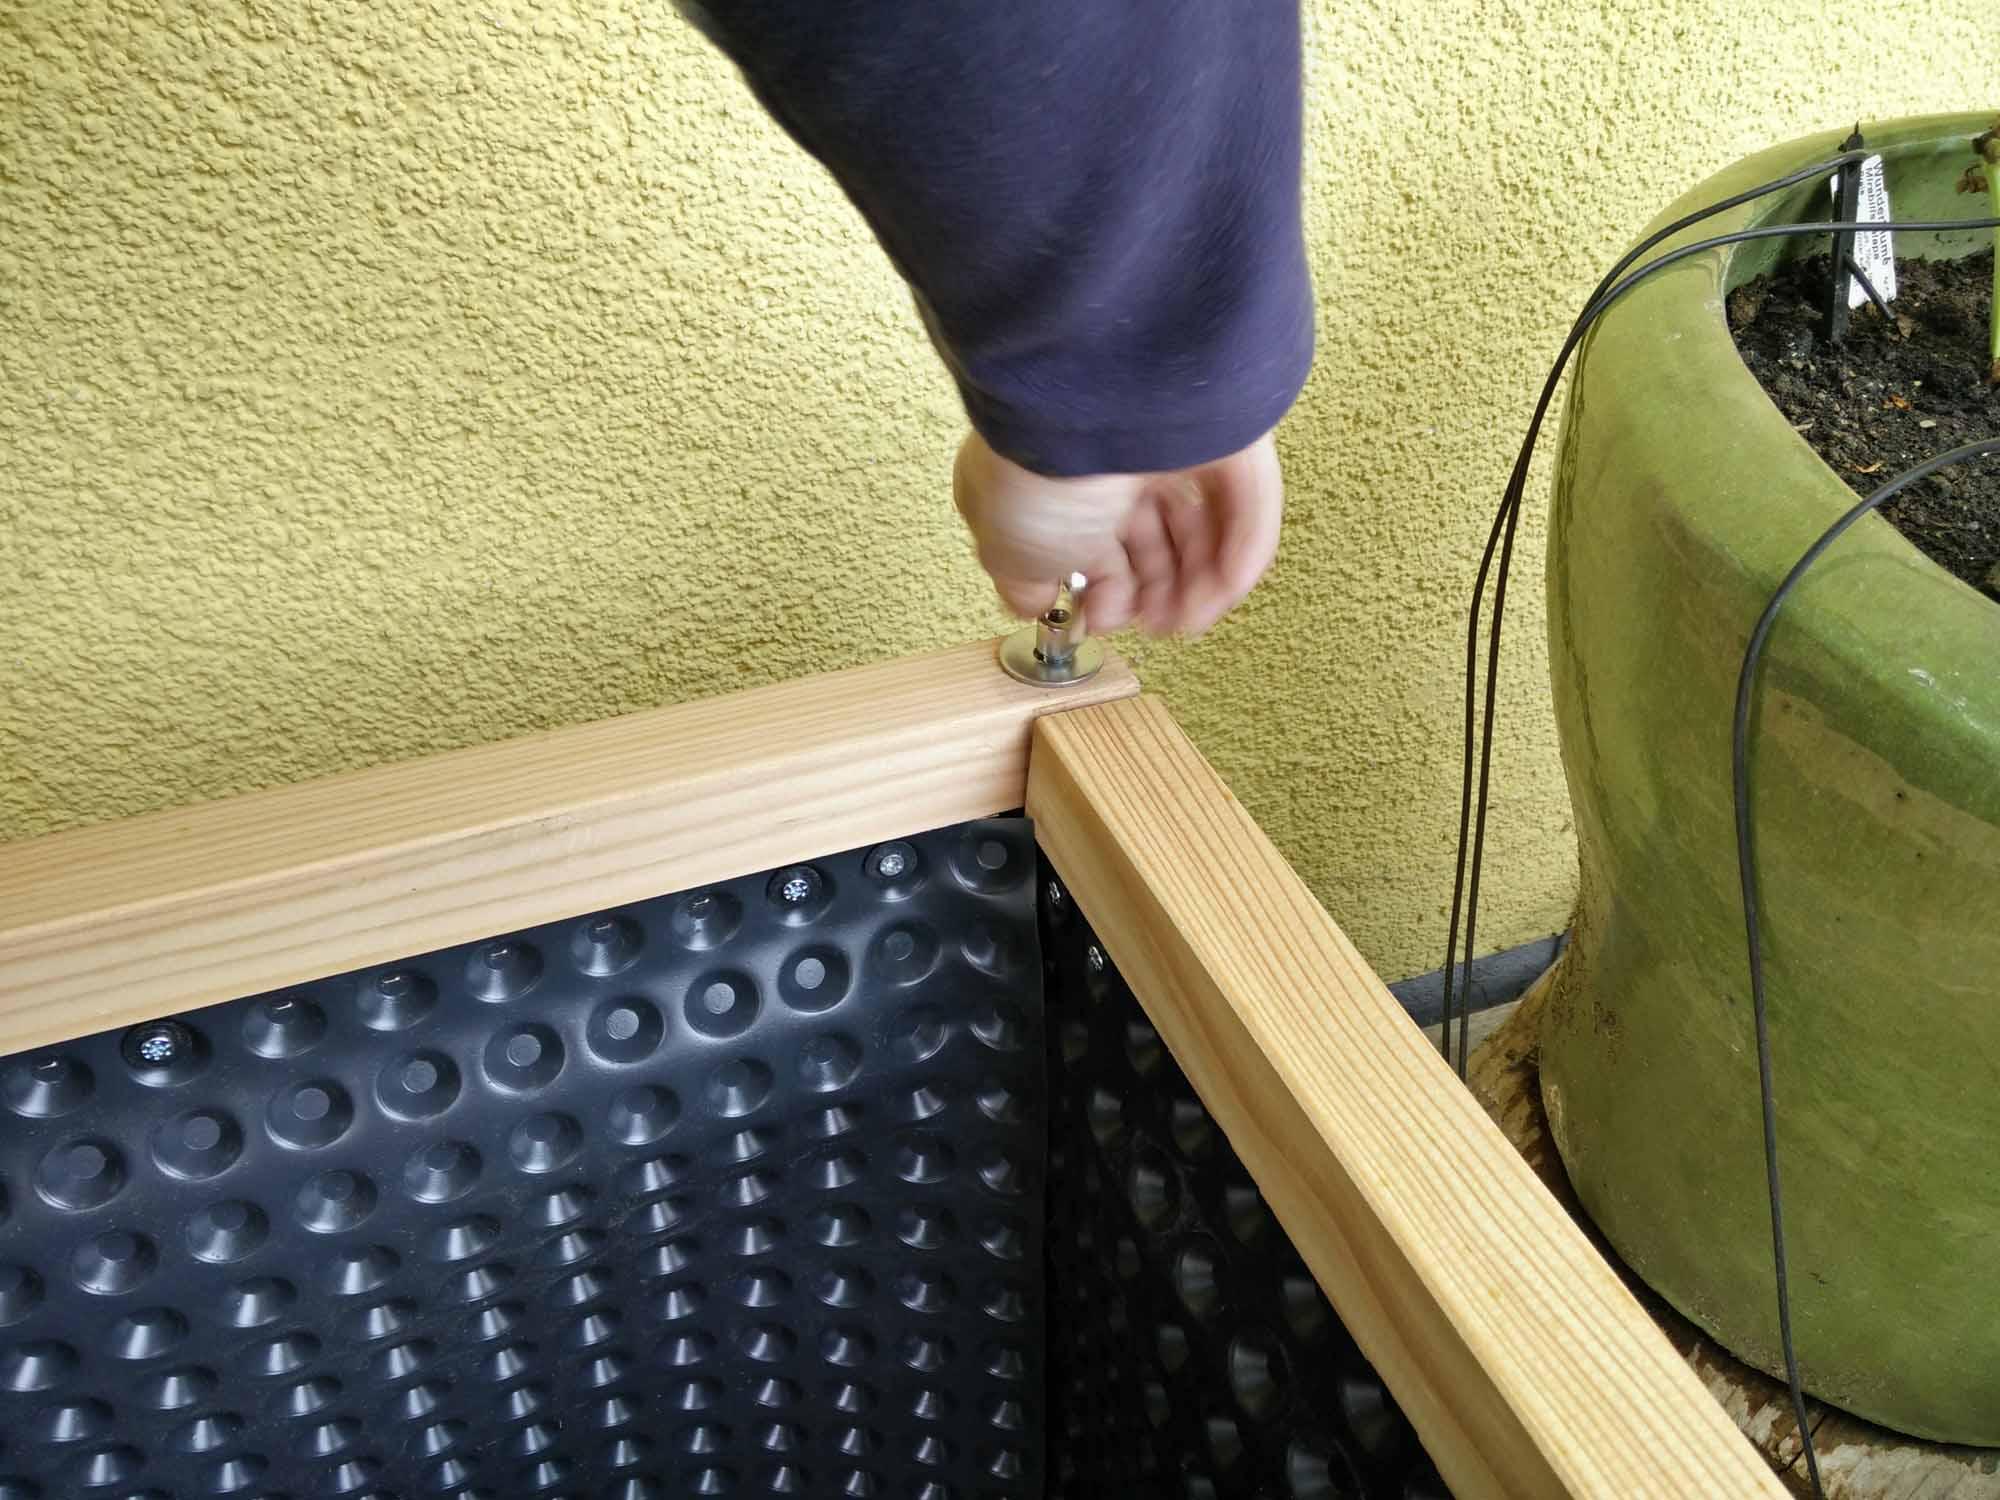 hochbeet aus holz beste breite zum bearbeiten von einer seite. Black Bedroom Furniture Sets. Home Design Ideas